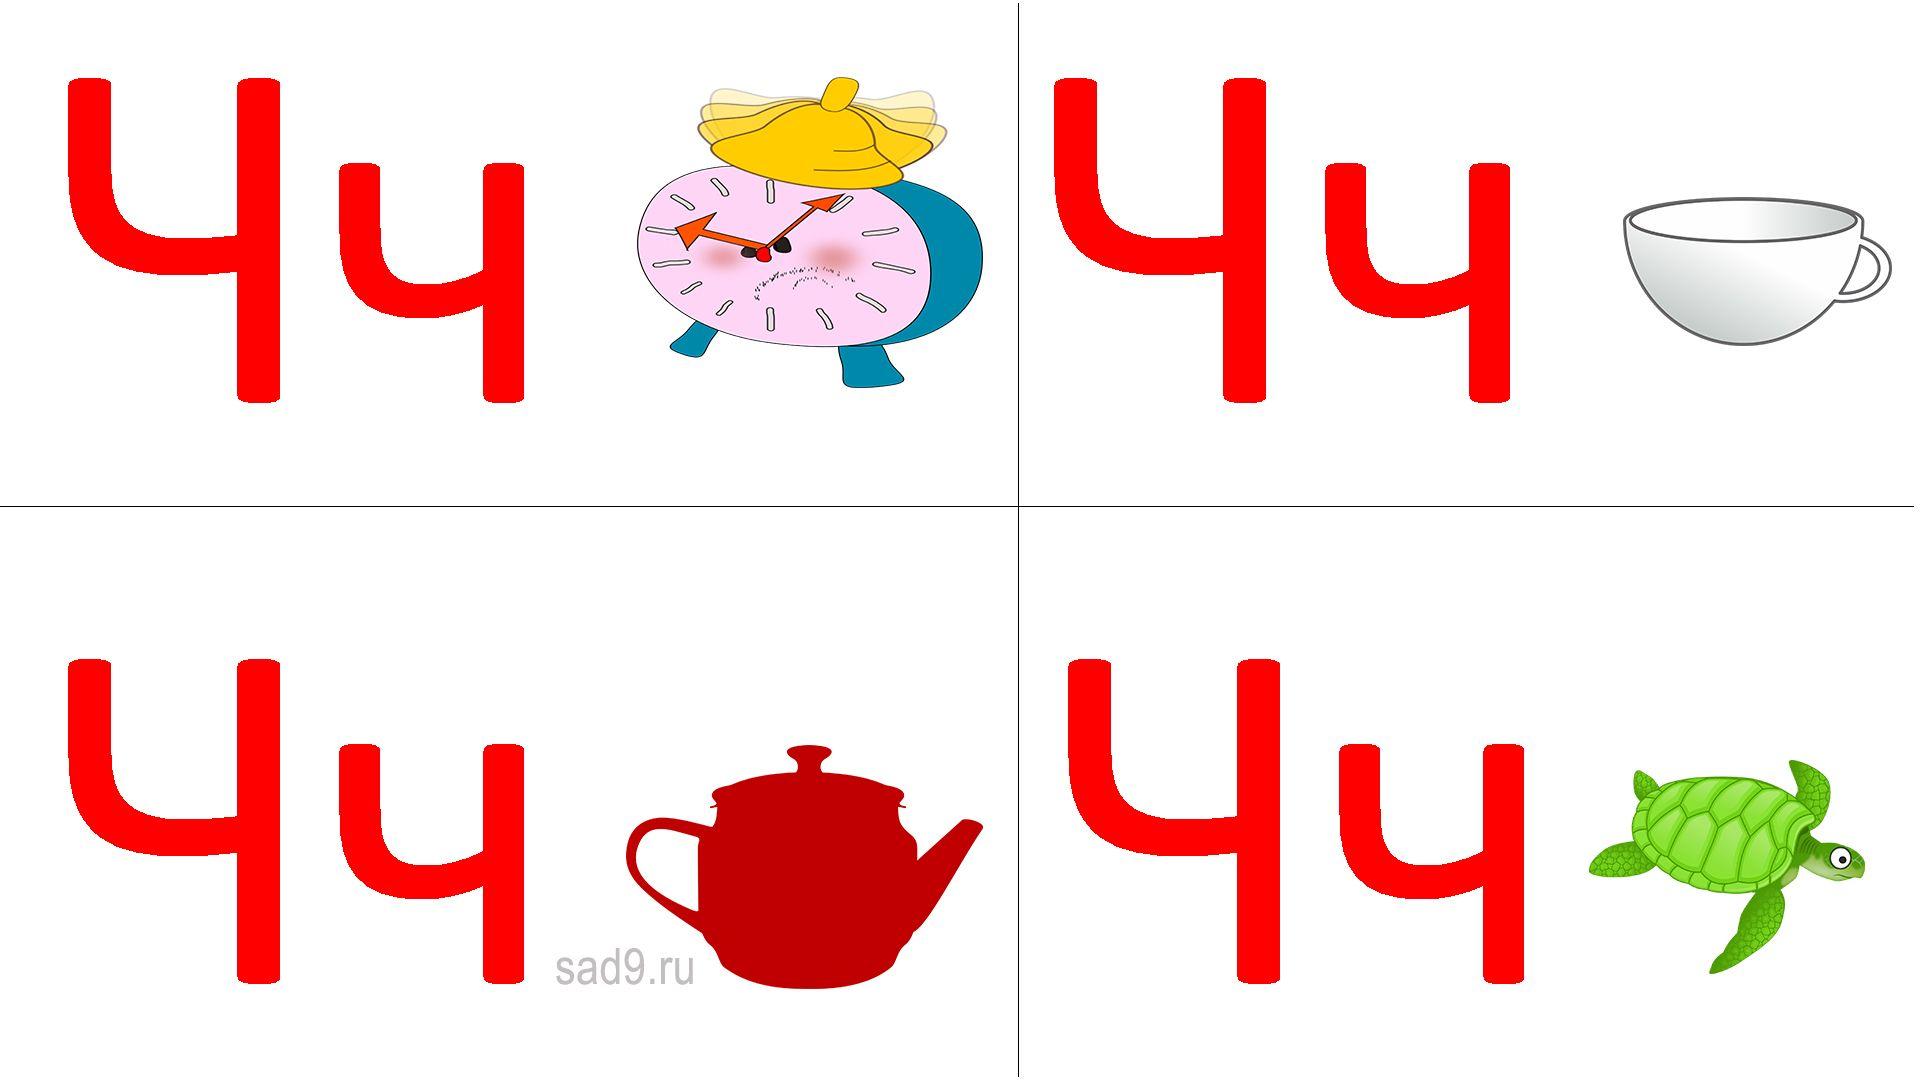 Учим букву Ч, русский алфавит